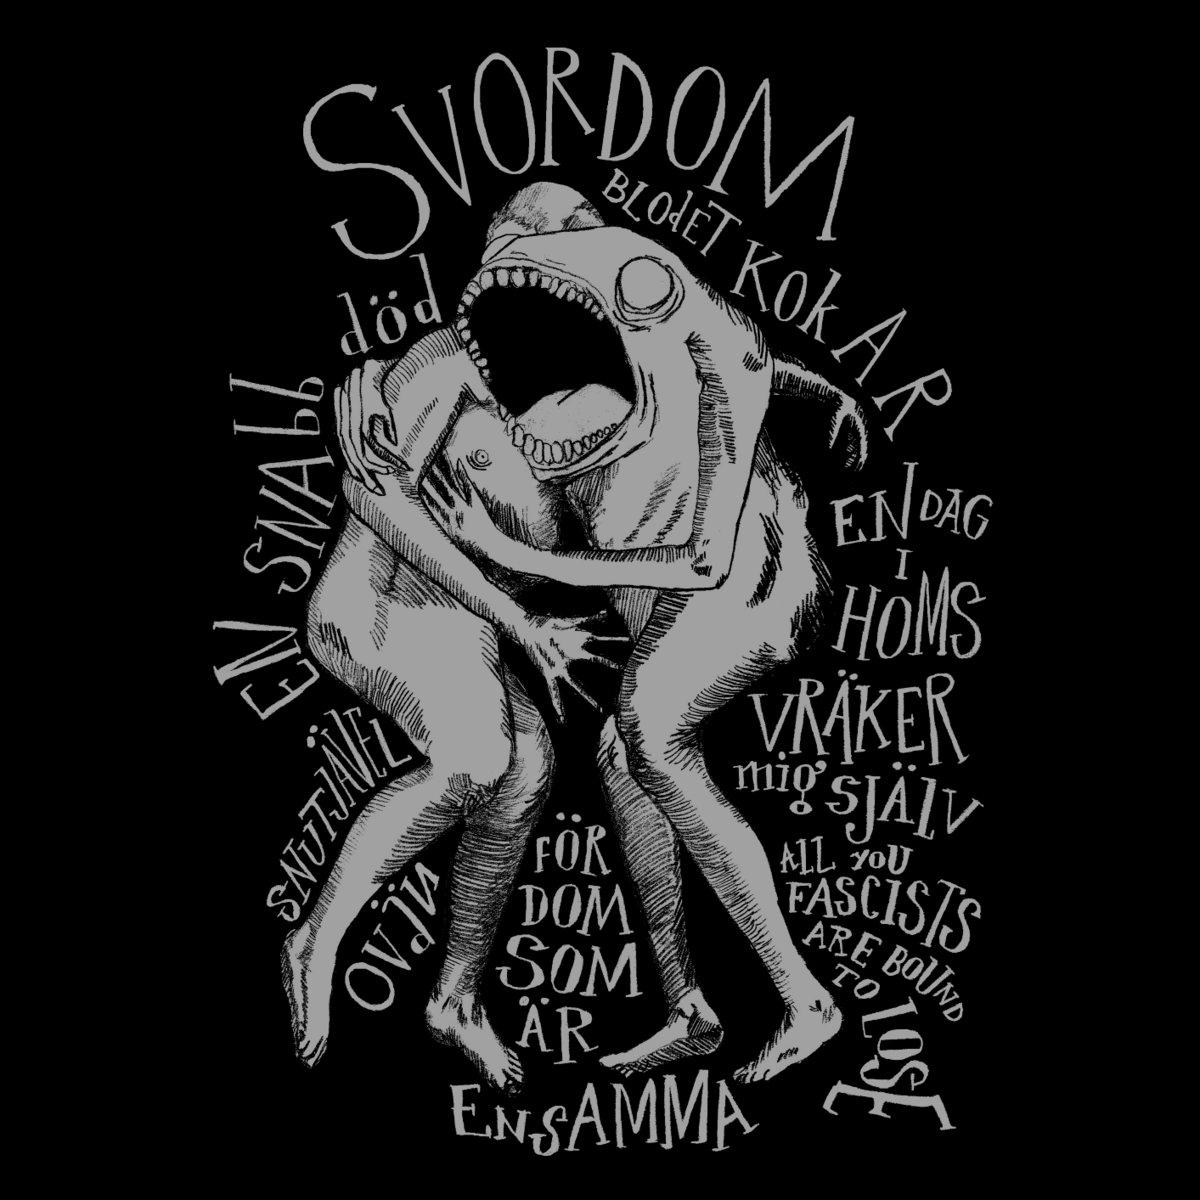 SVORDOM - För dom som är ensamma (D-Beat/Crust, 2017)